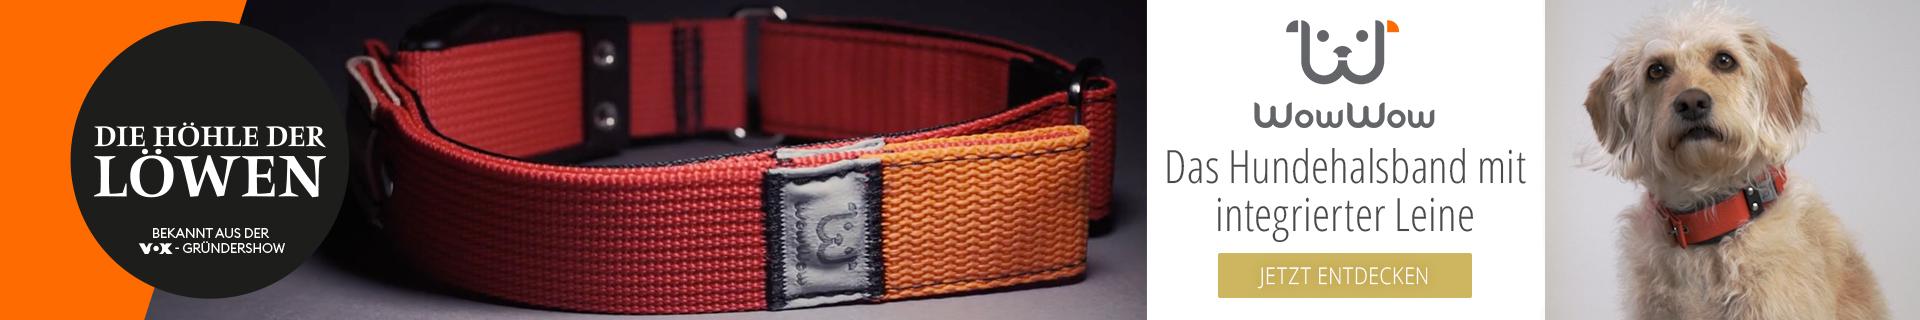 WowWow Hundehalsband